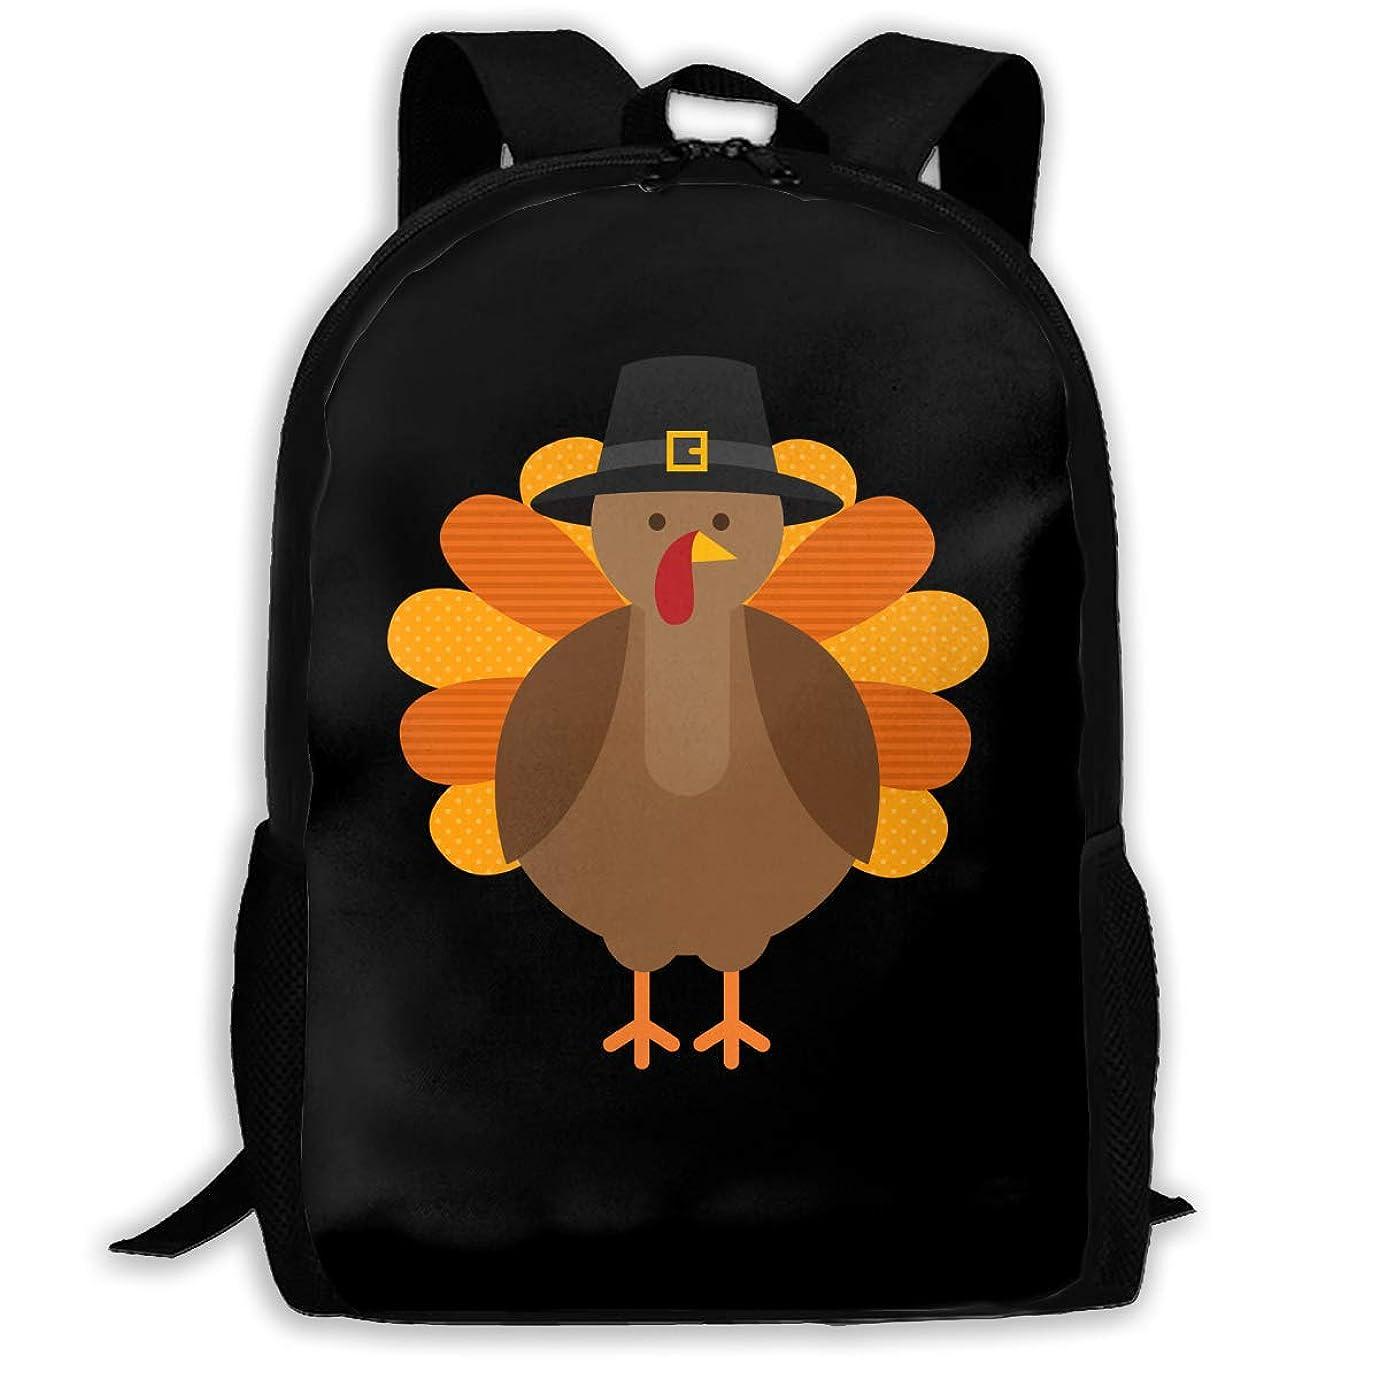 チェスまとめる失業おしゃれ カジュアル 軽く Thanksgiving ショルダーバッグ 大容量 キッズ 通用する リュック 通学 旅行 運動 ランドセル Black